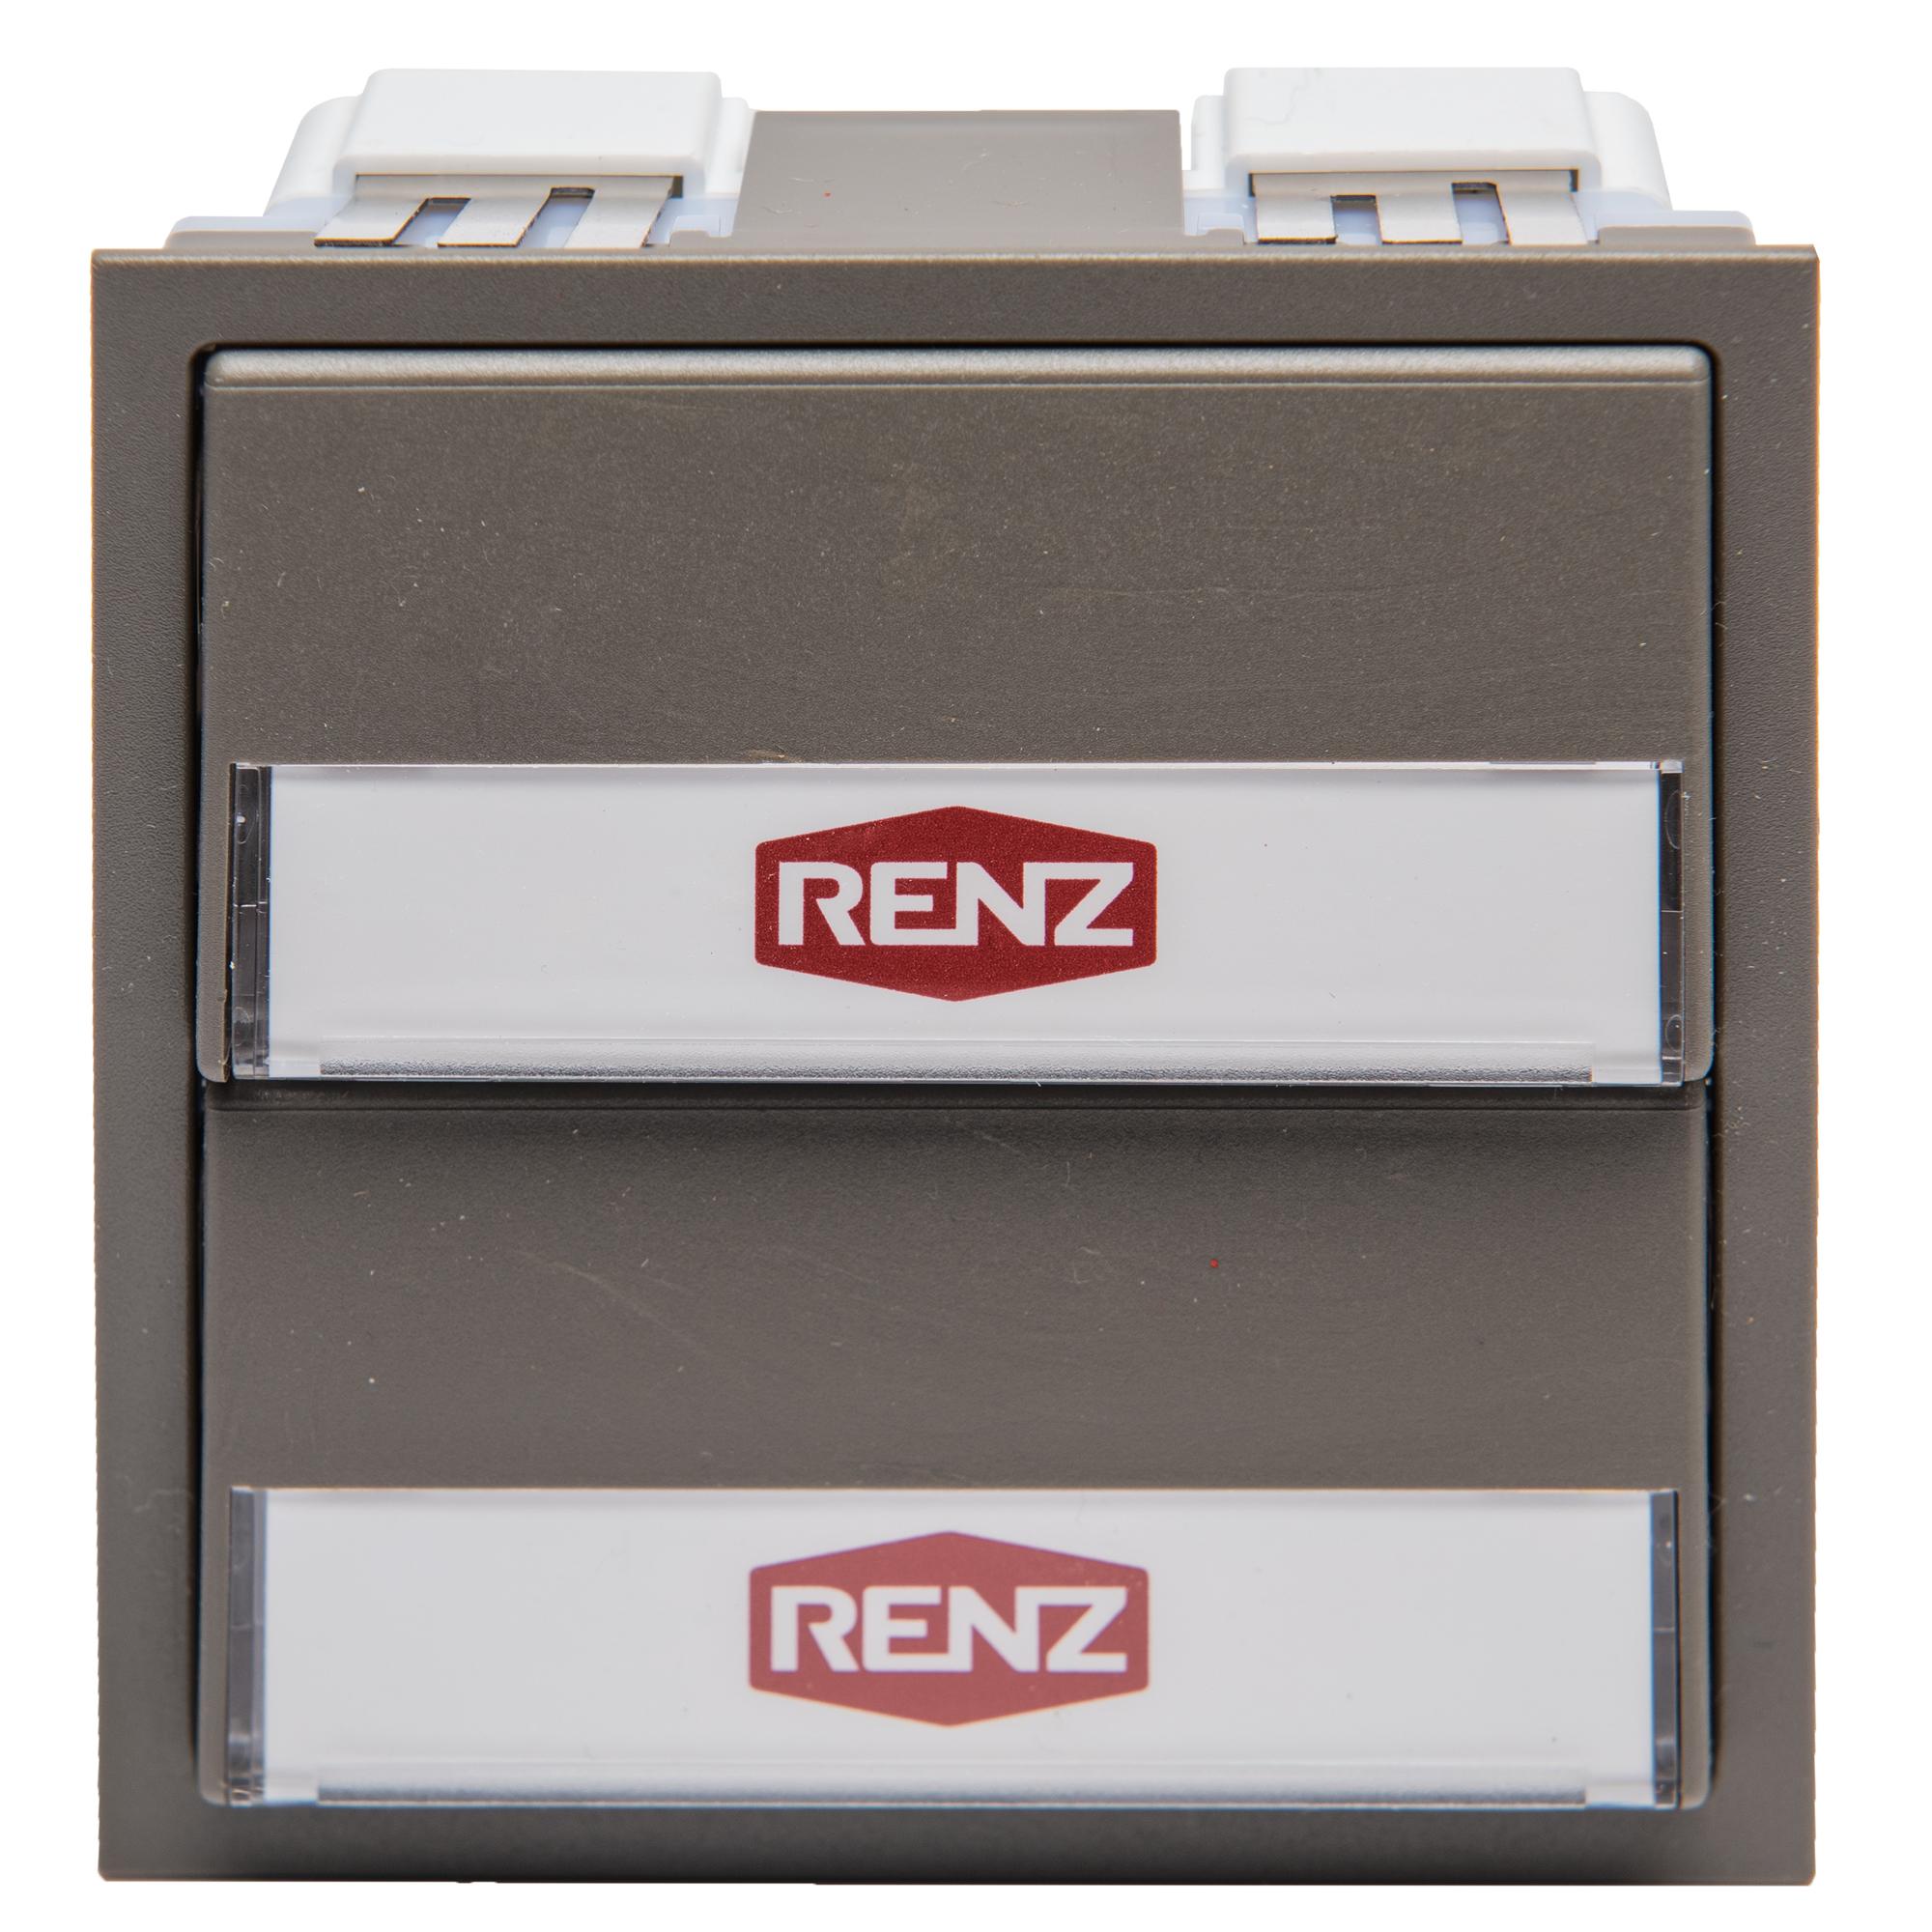 Renz Tastenmodul mit 2 Klingeltaster grau